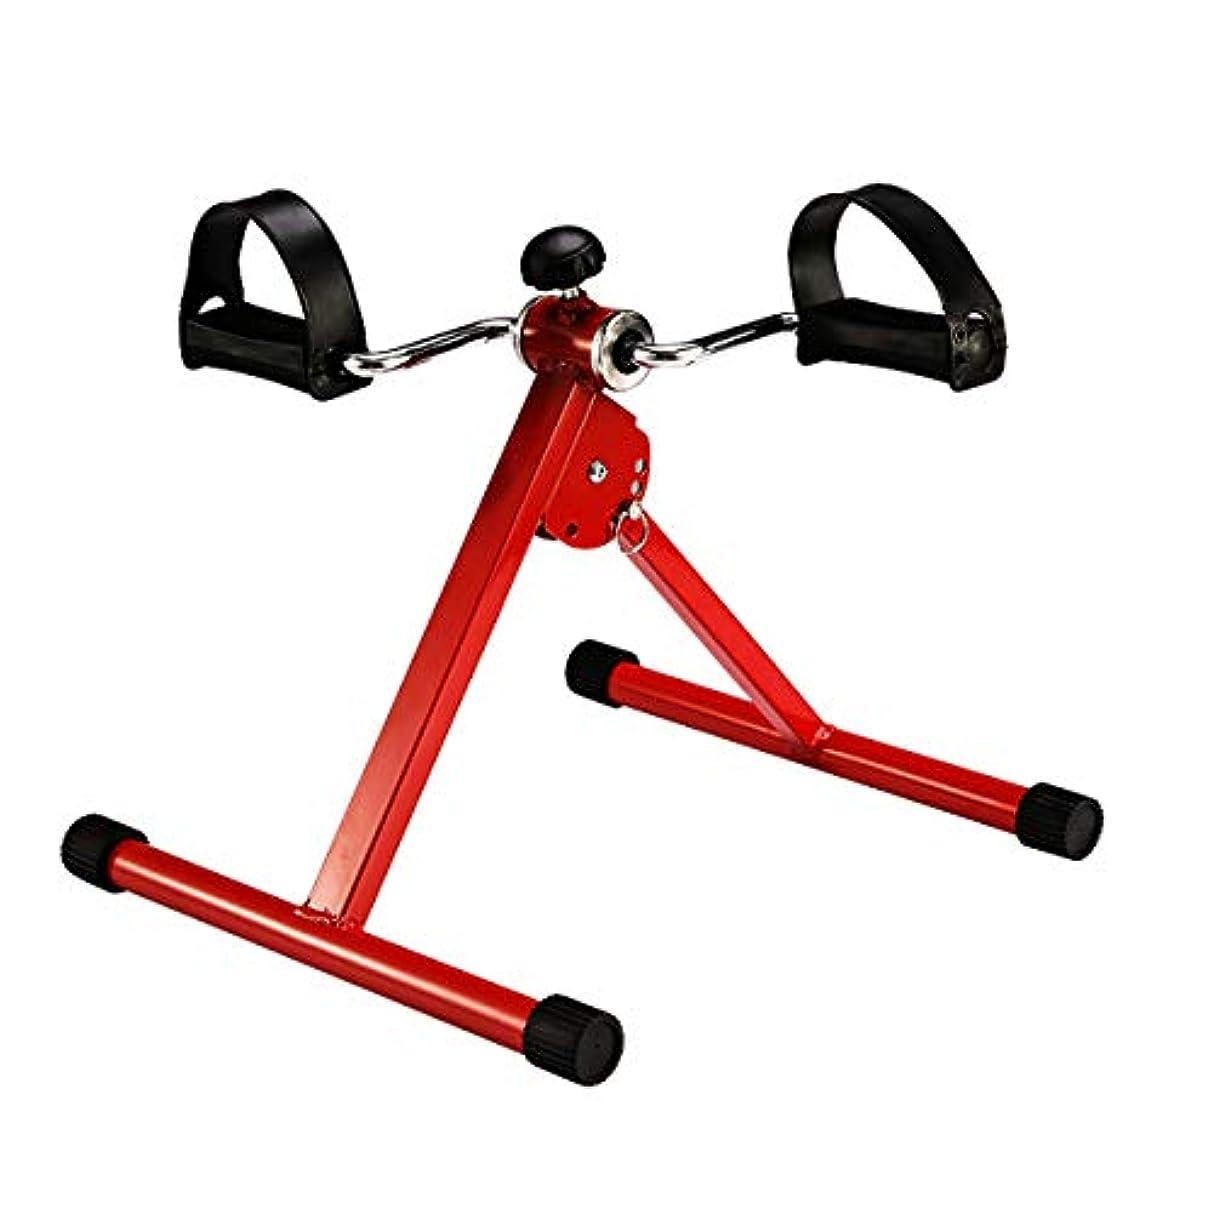 ペダルエクササイザー、ホーム理学療法フィットネスミニバイク高齢者身体障害者医療リハビリテーション体操カーディオフィットネストレーナー|ホームトレーナー|スピンエクササイズバイク,A